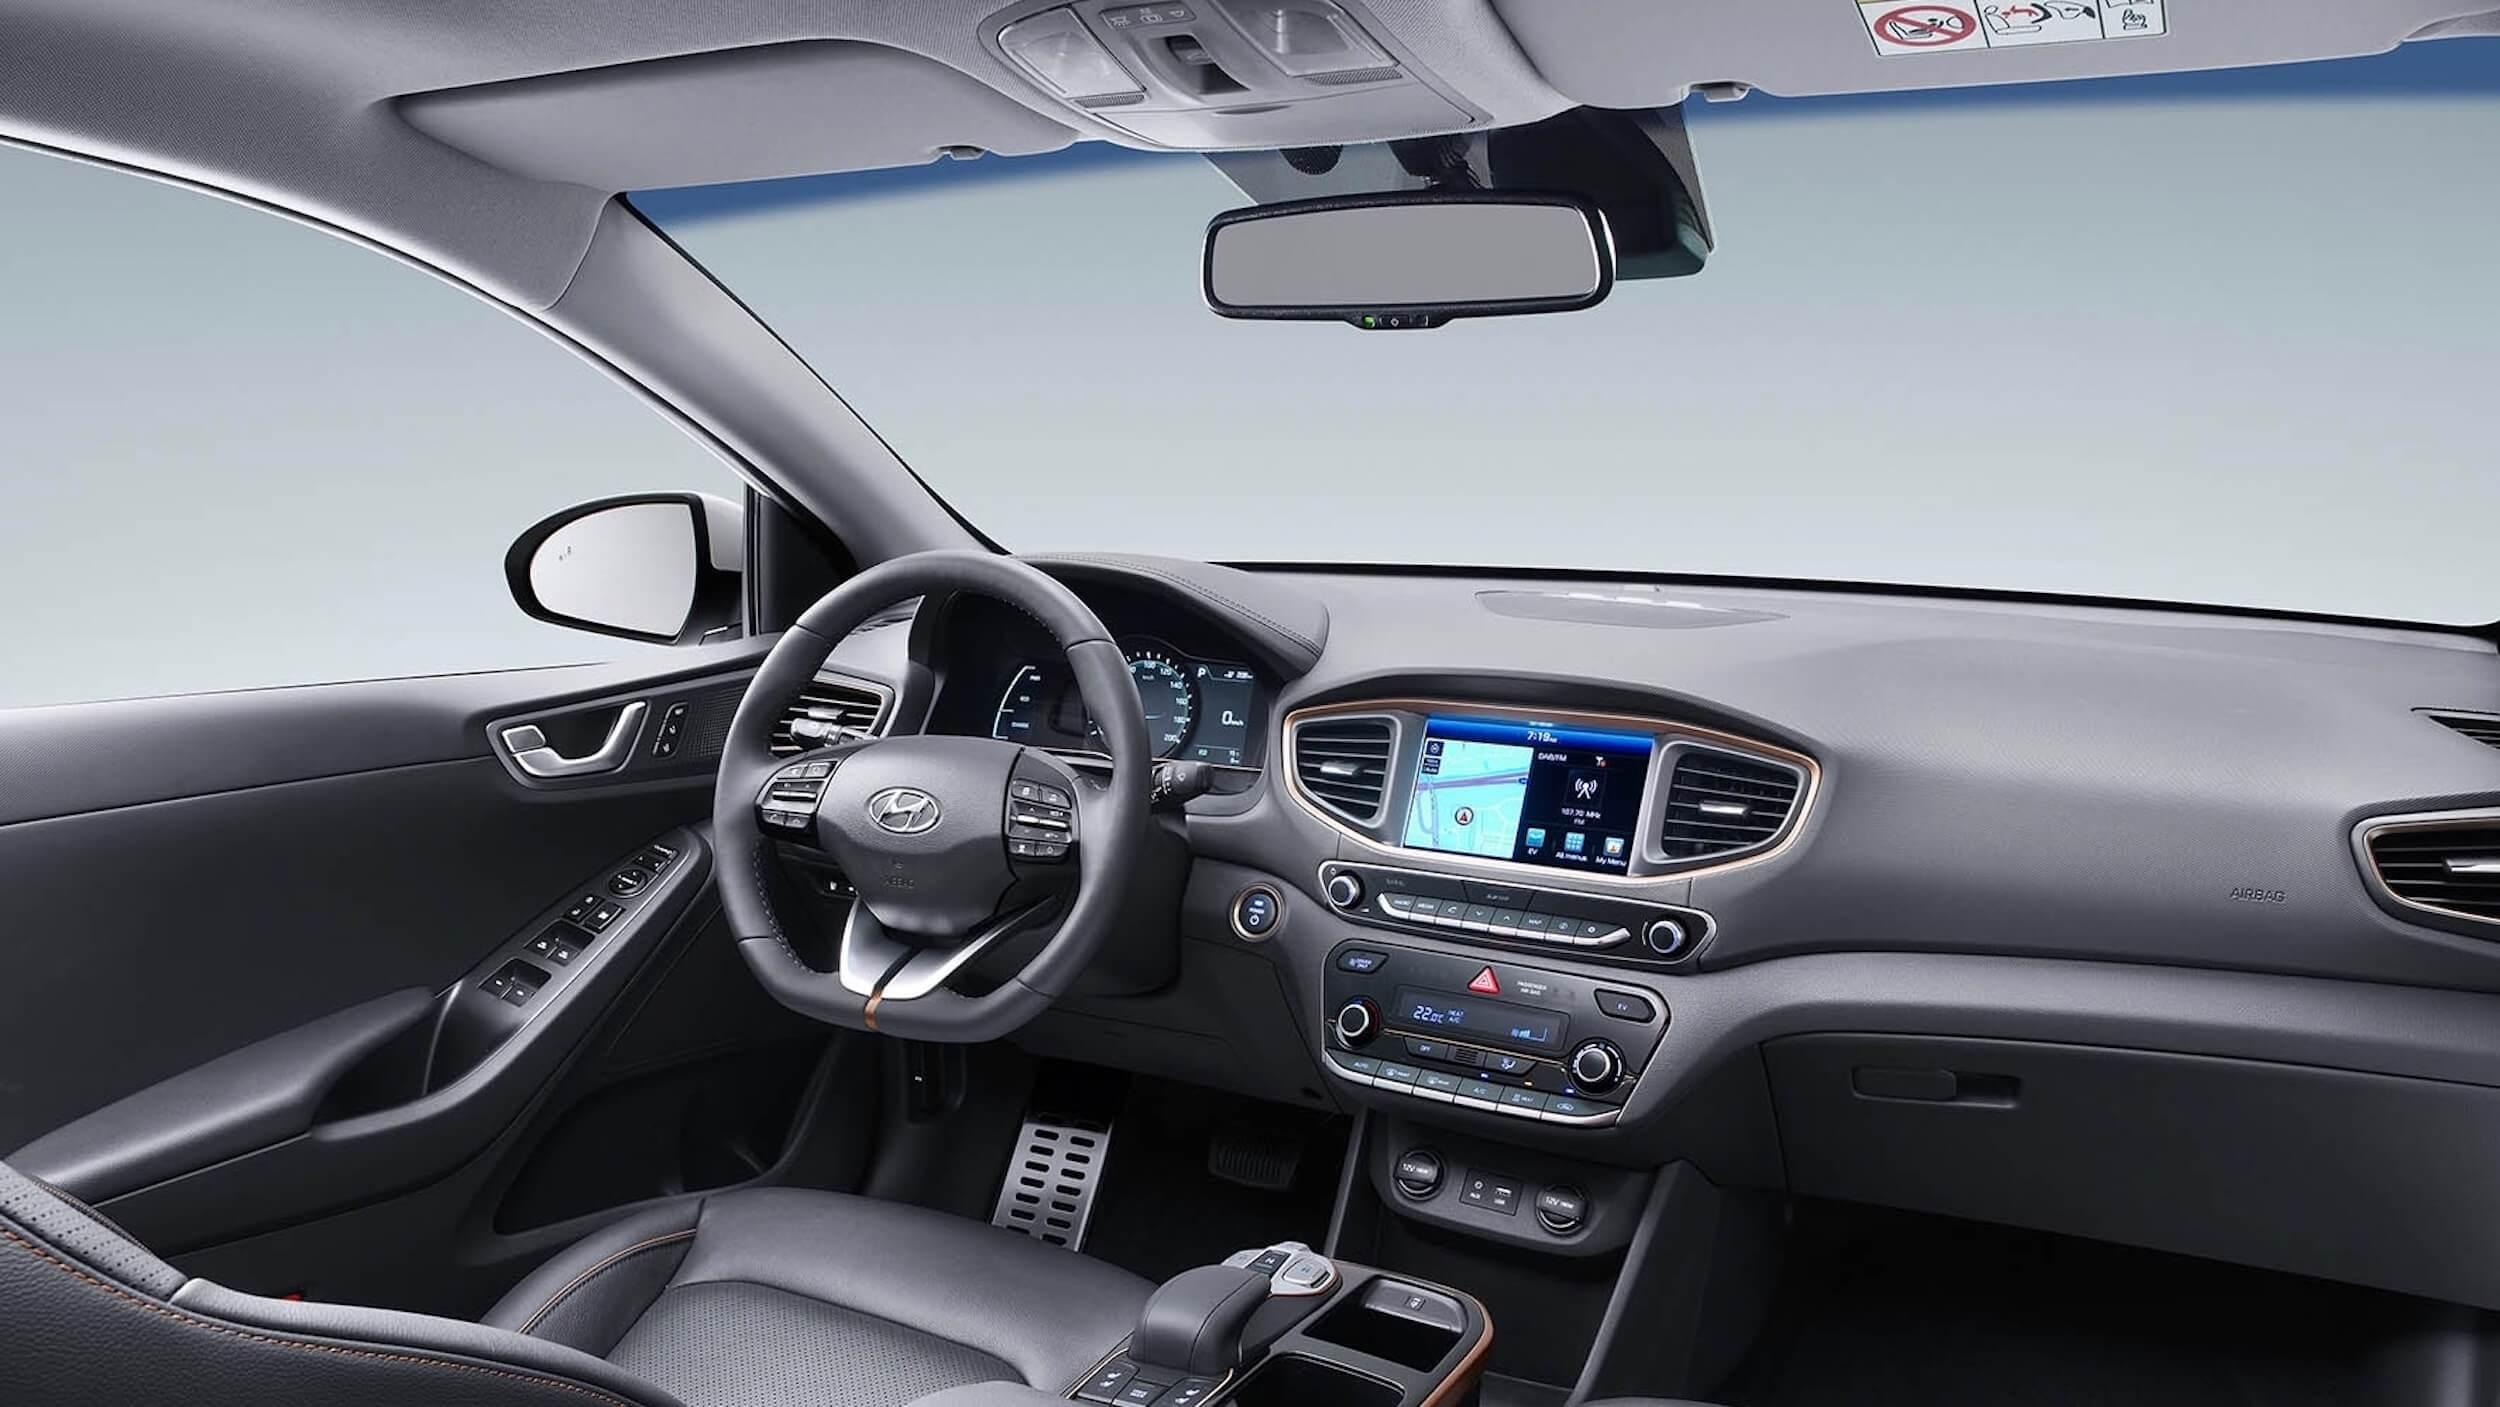 Hyundai Ioniq 2016 28 kWh interieur